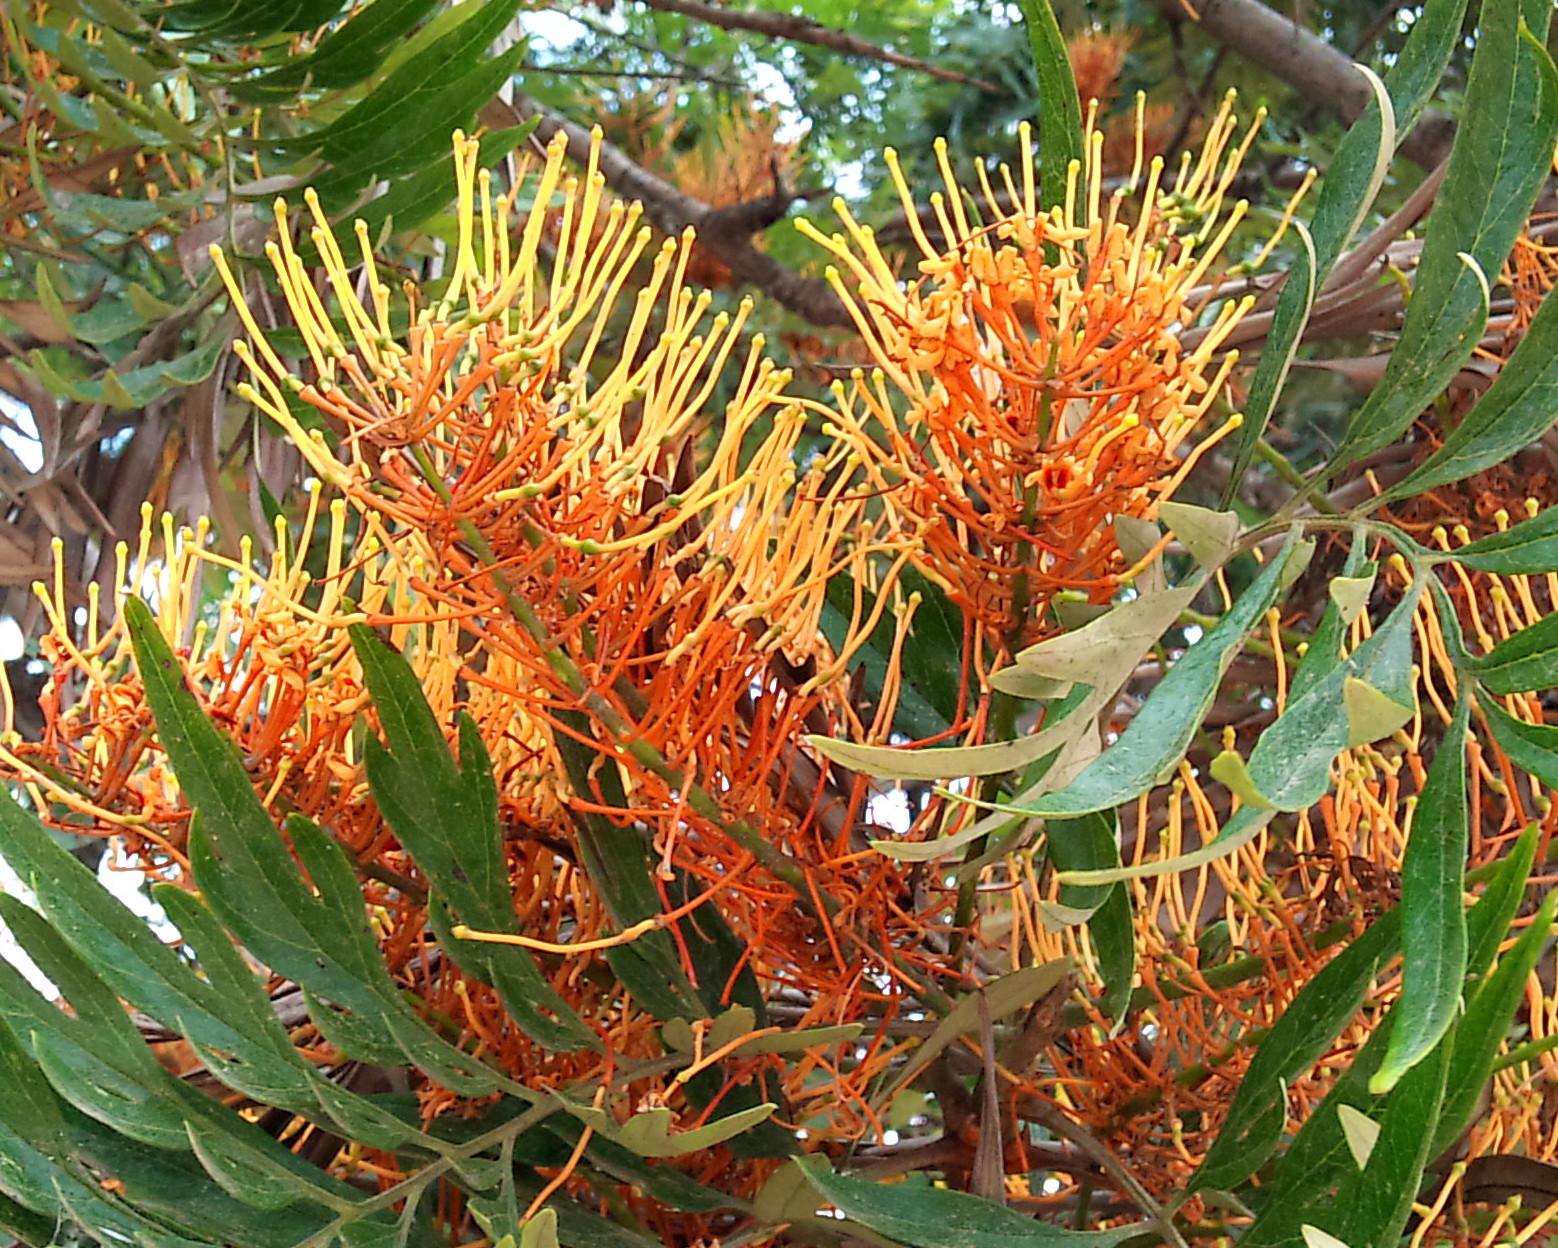 Rboles con alma roble australiano grevillea robusta for Arboles perennes de crecimiento rapido en argentina